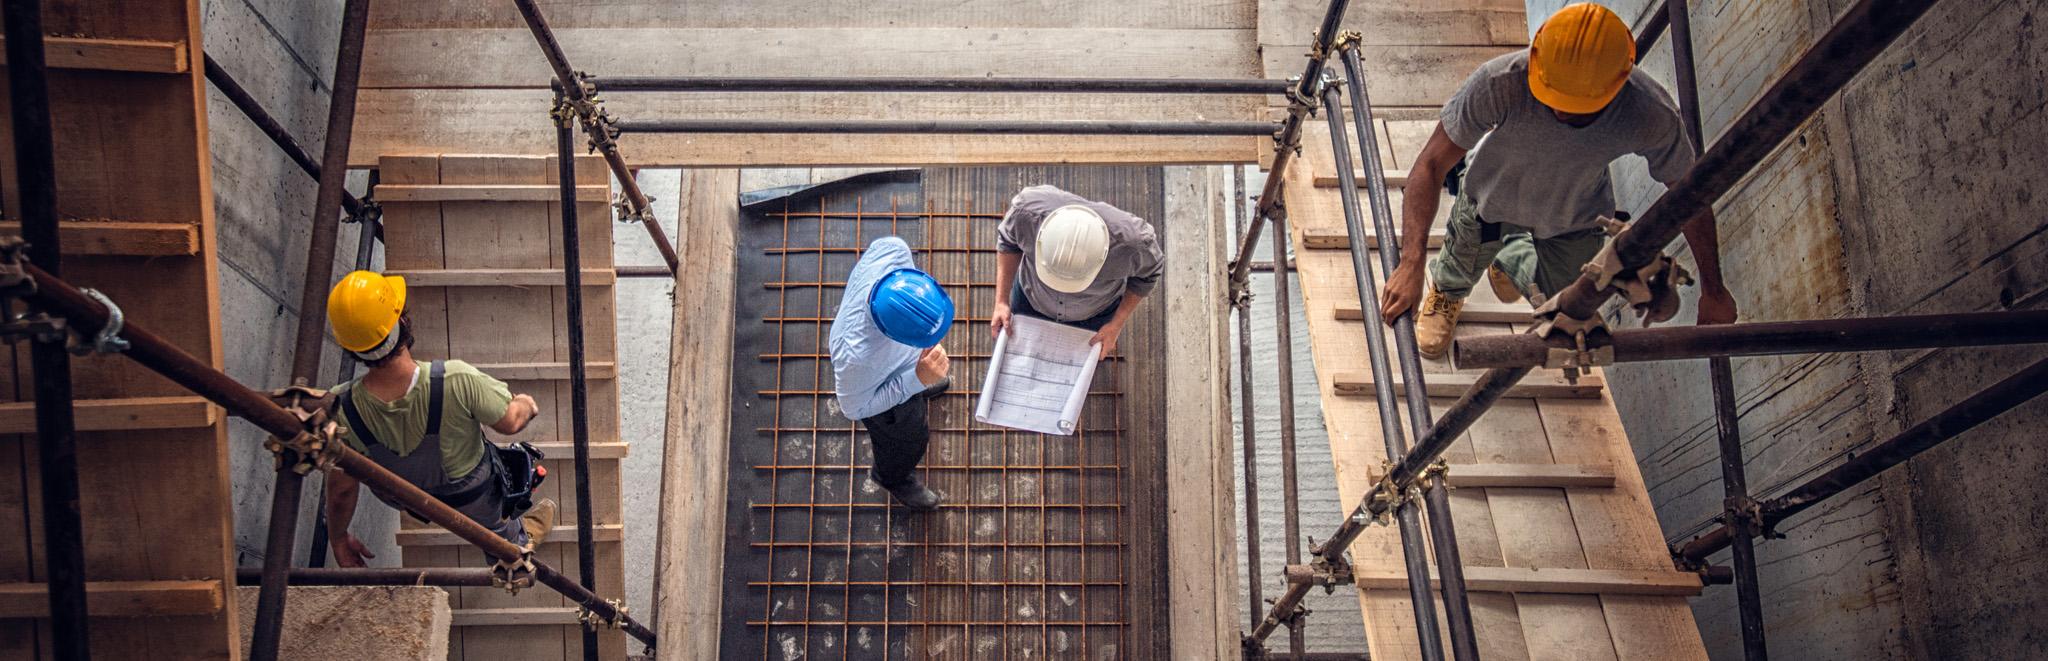 Steuerberatung für Baugewerbe